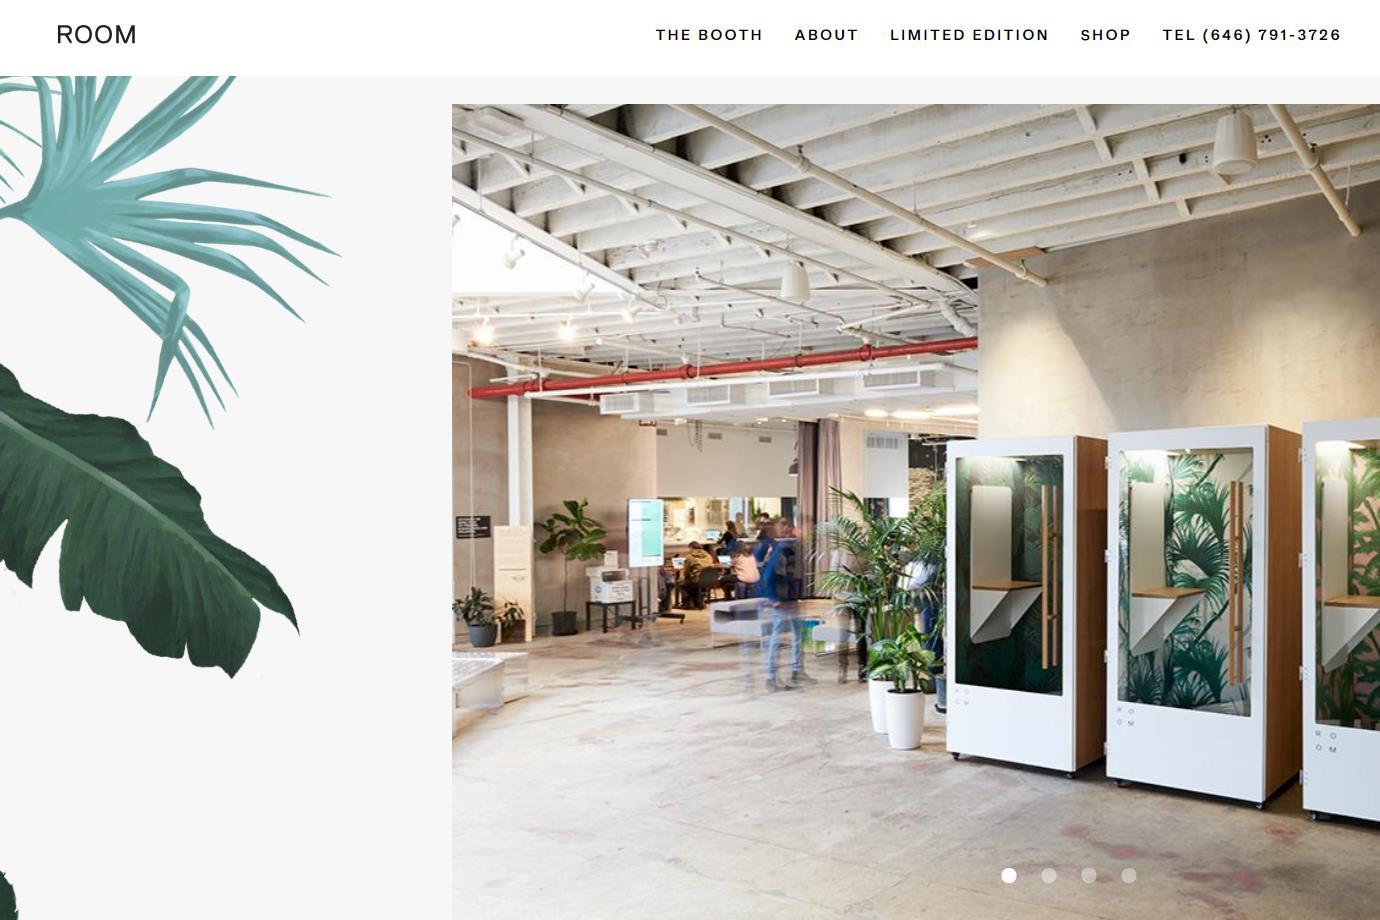 让开放办公空间更加环保和人性化:独立工位初创公司 ROOM